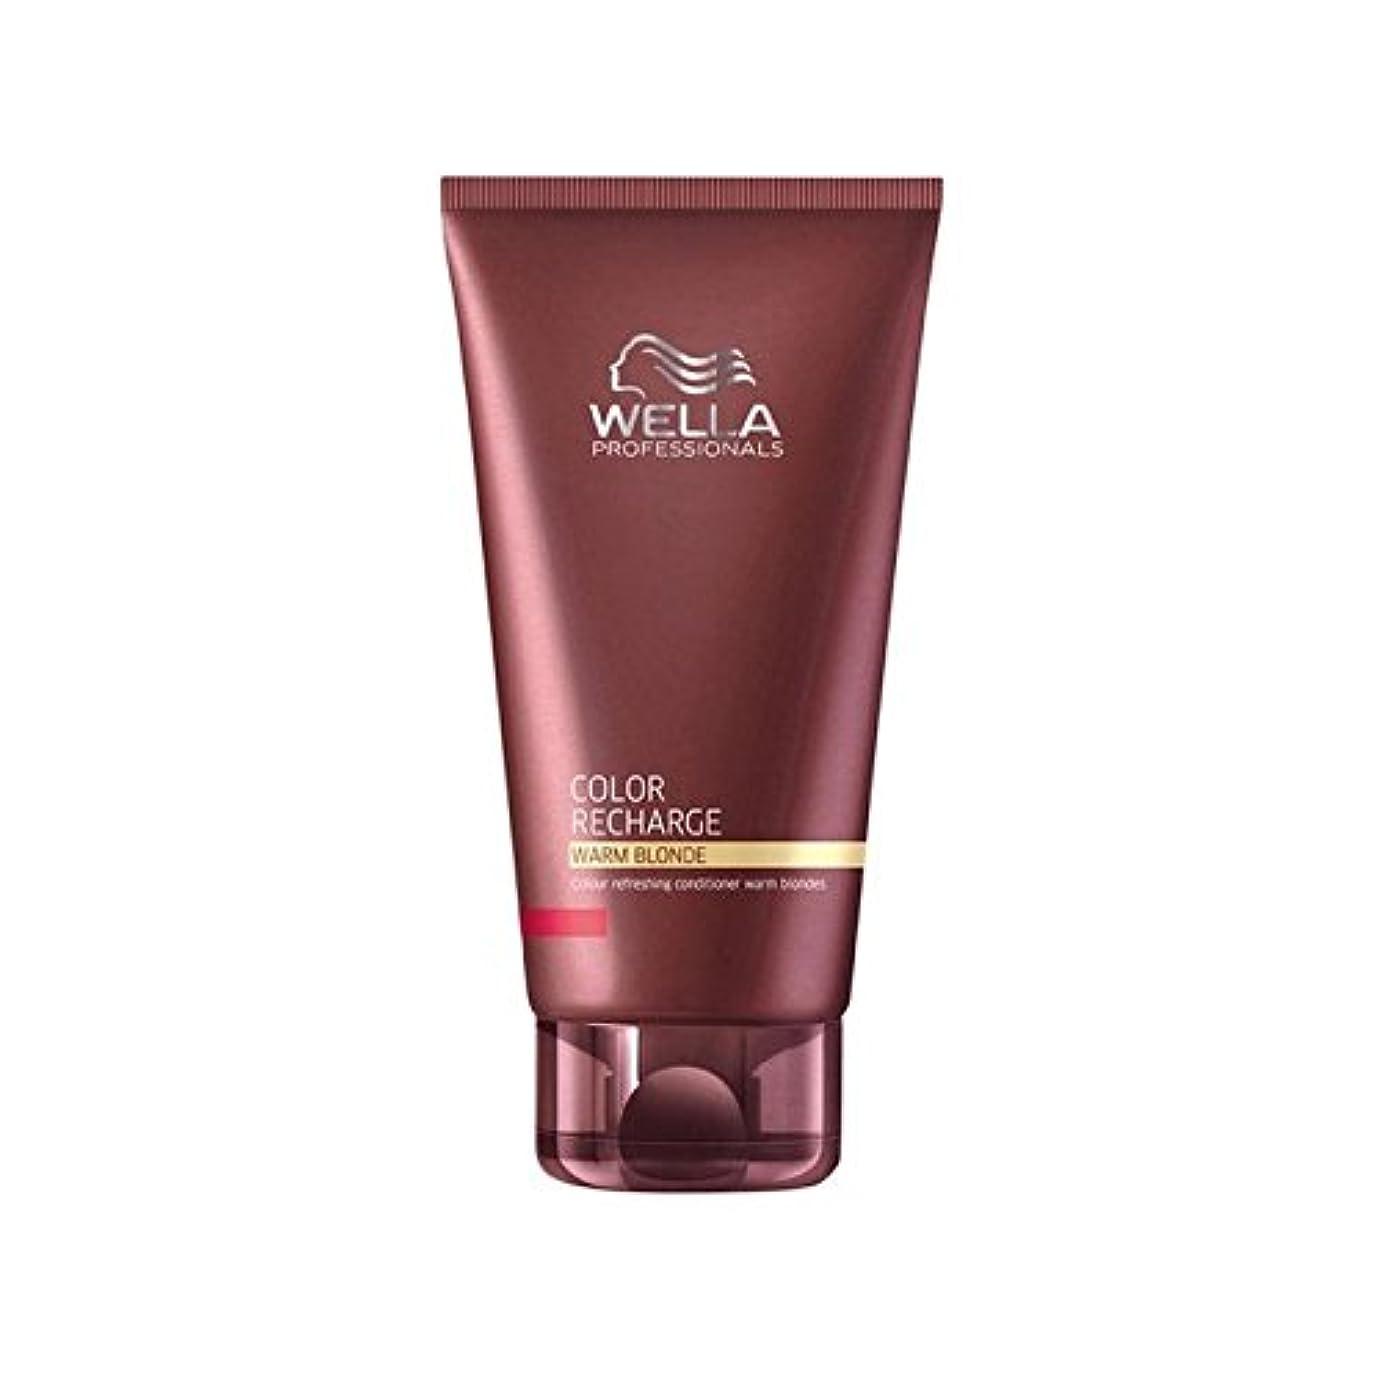 ロケットマッシュかろうじてウエラ専門家のカラー再充電コンディショナー暖かいブロンド(200ミリリットル) x2 - Wella Professionals Color Recharge Conditioner Warm Blonde (200ml...